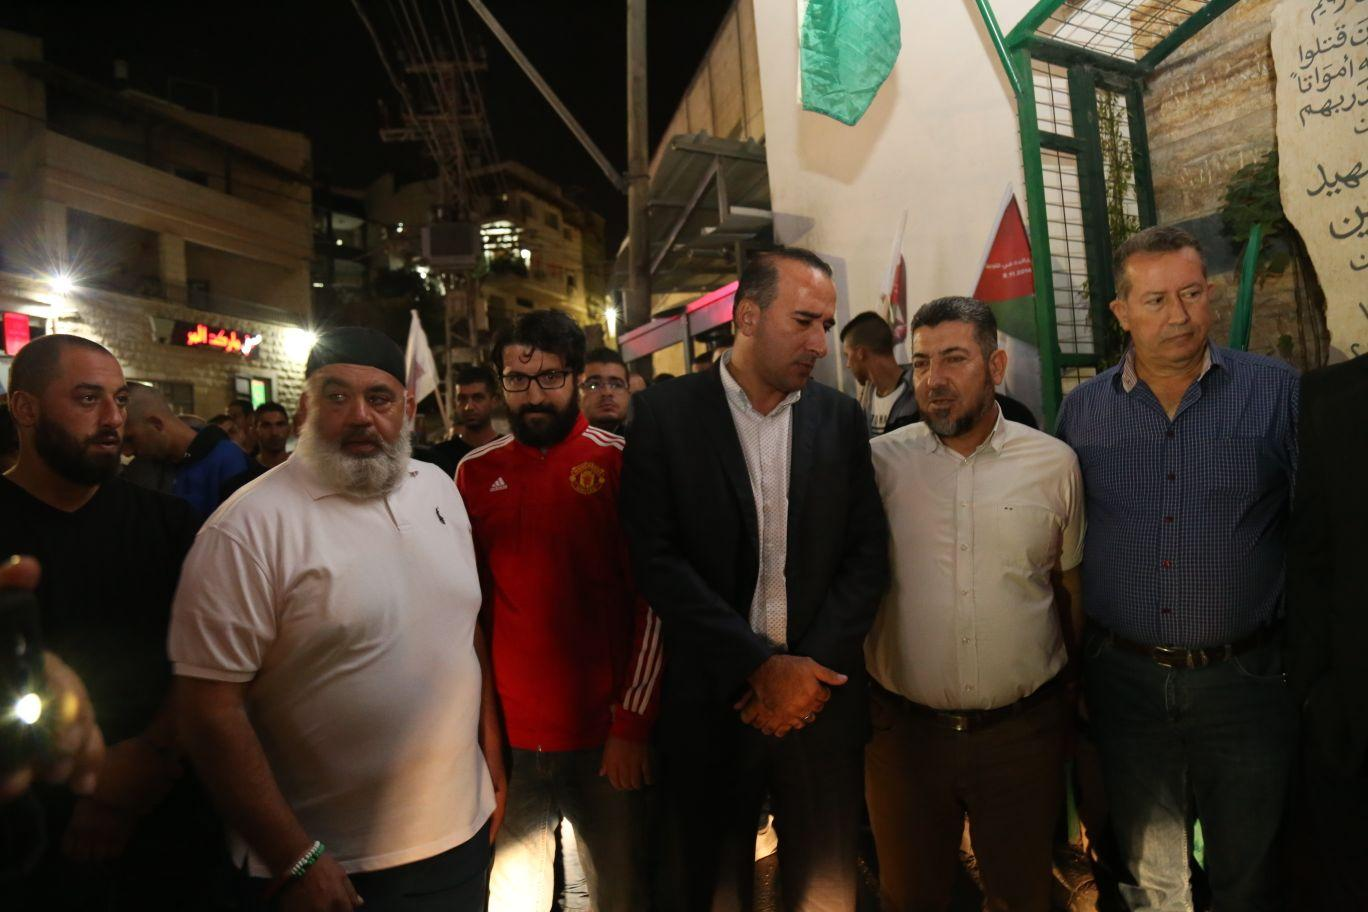 في الذكرى الثالثة لاستشهاده: إصرار على معاقبة قتلة حمدان